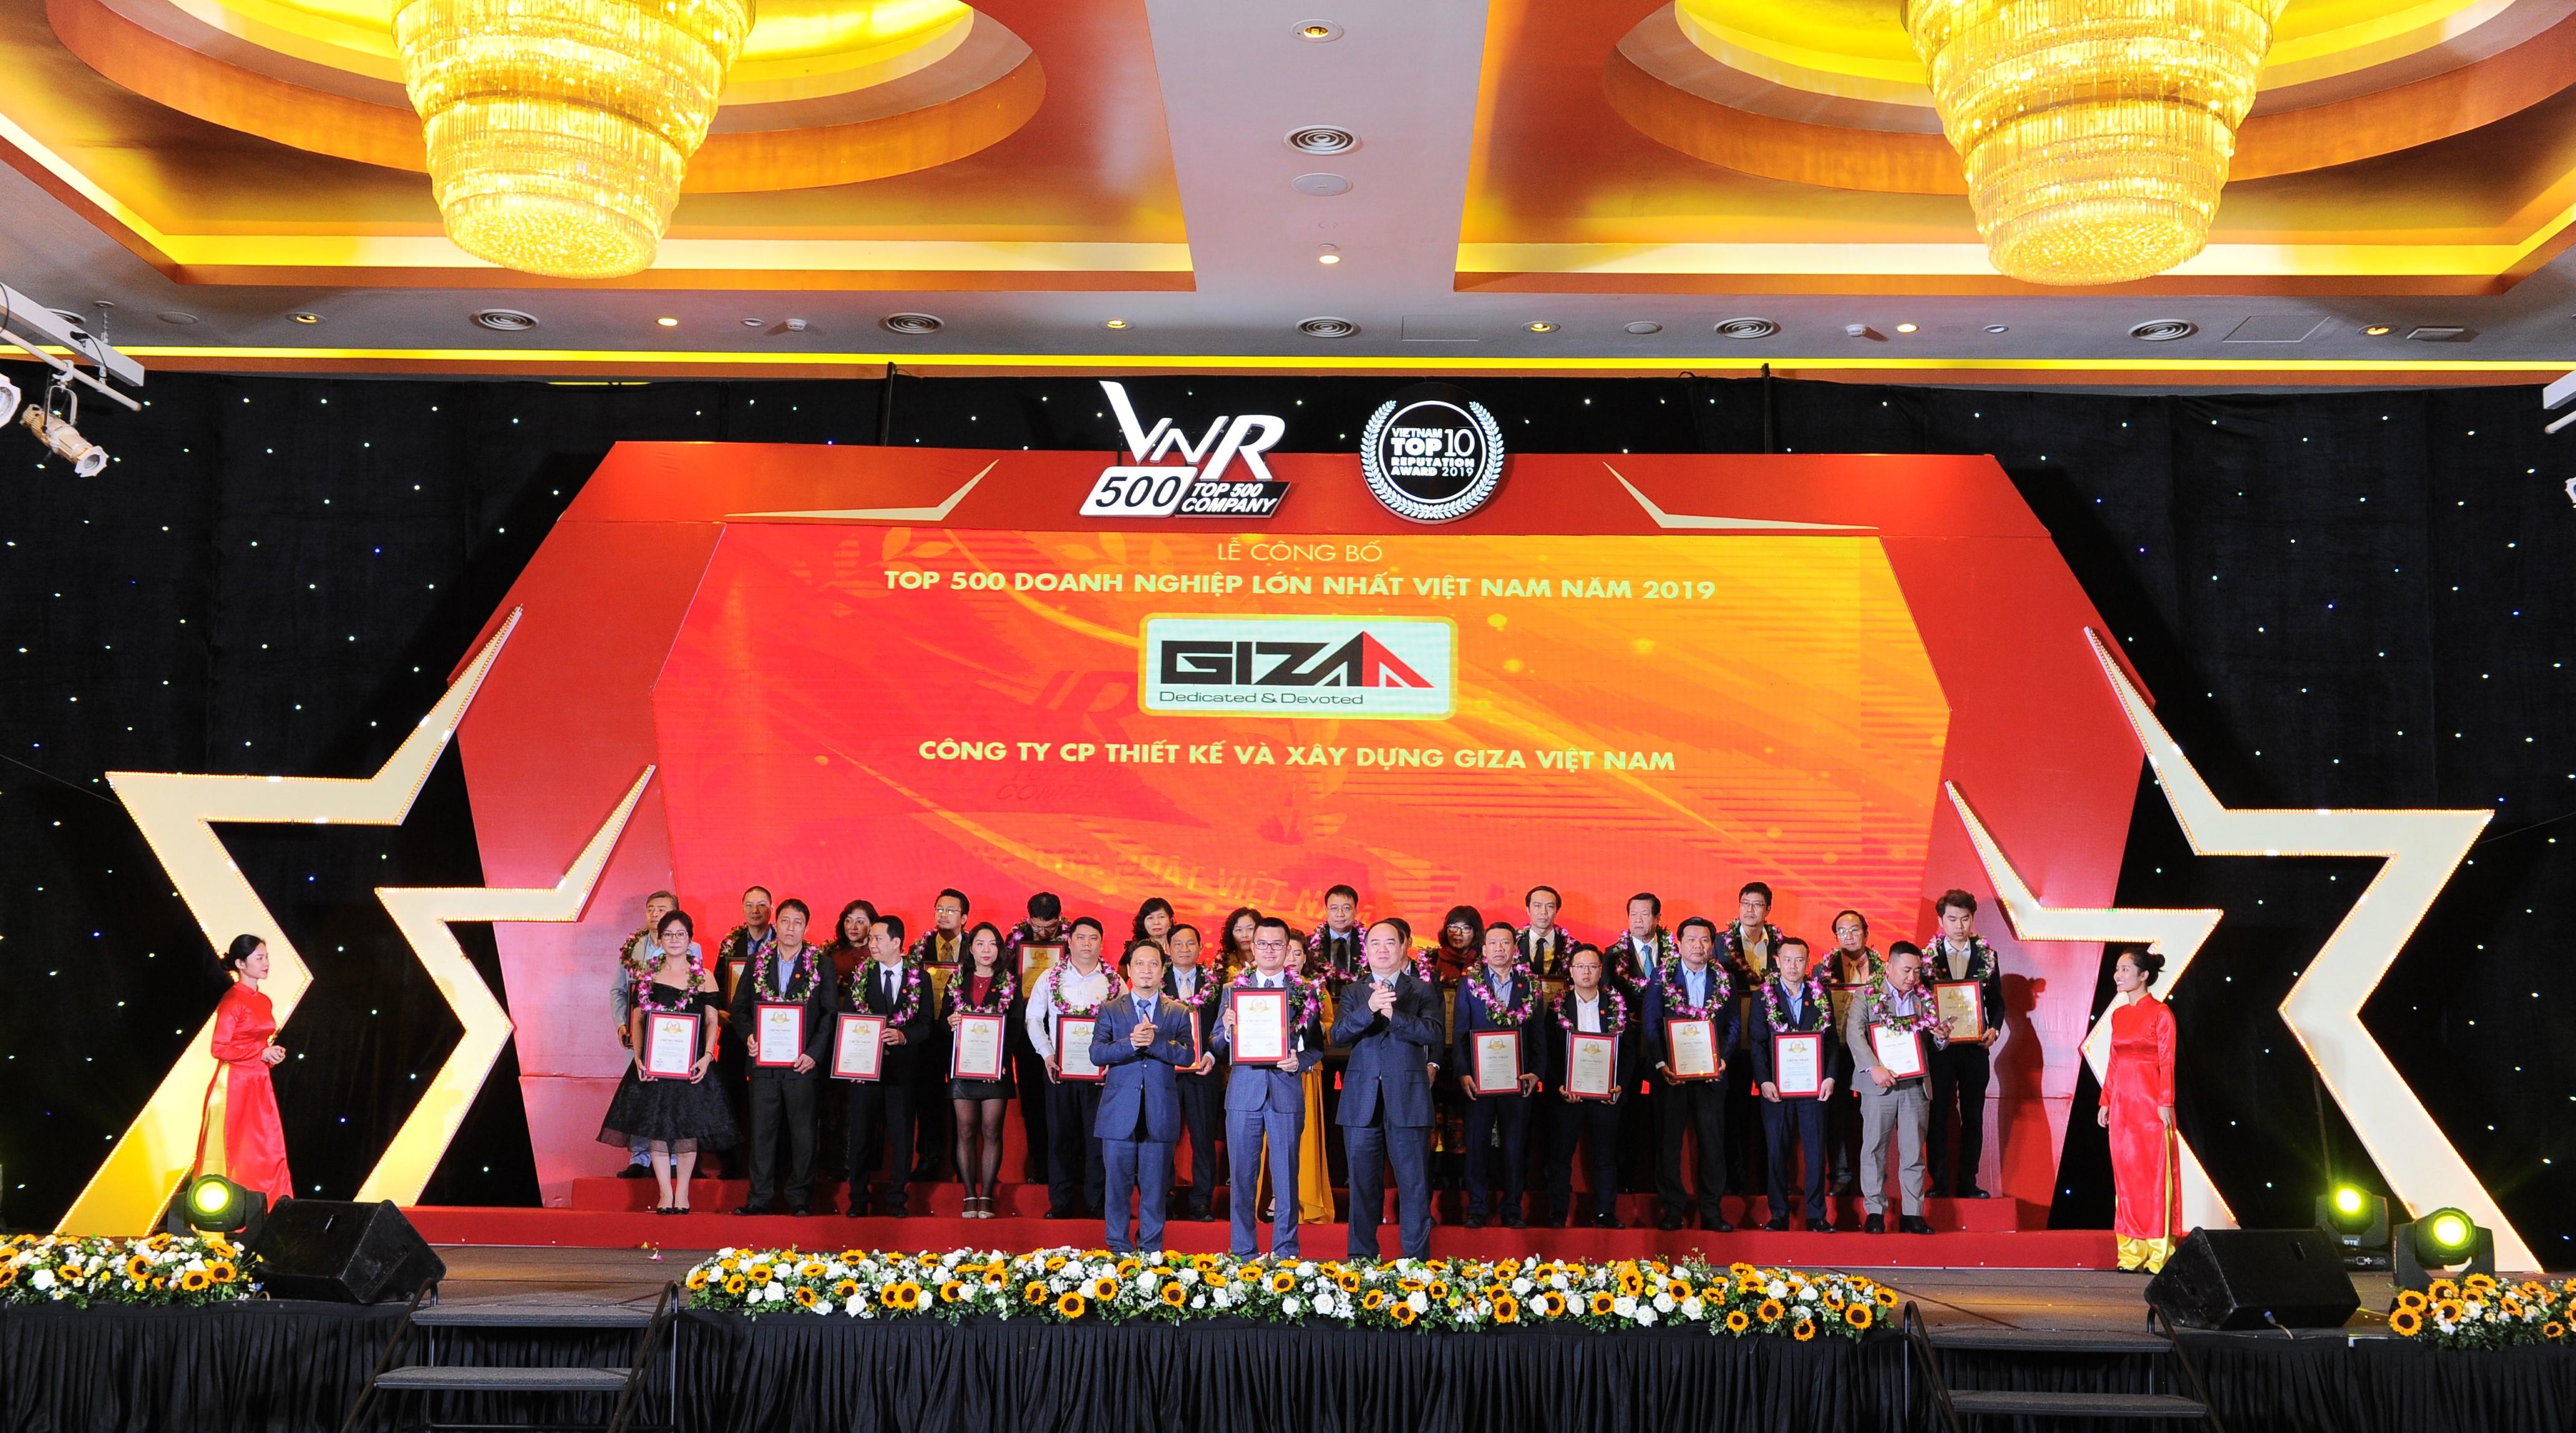 Giza E&C lọt Top 500 doanh nghiệp lớn nhất Việt Nam